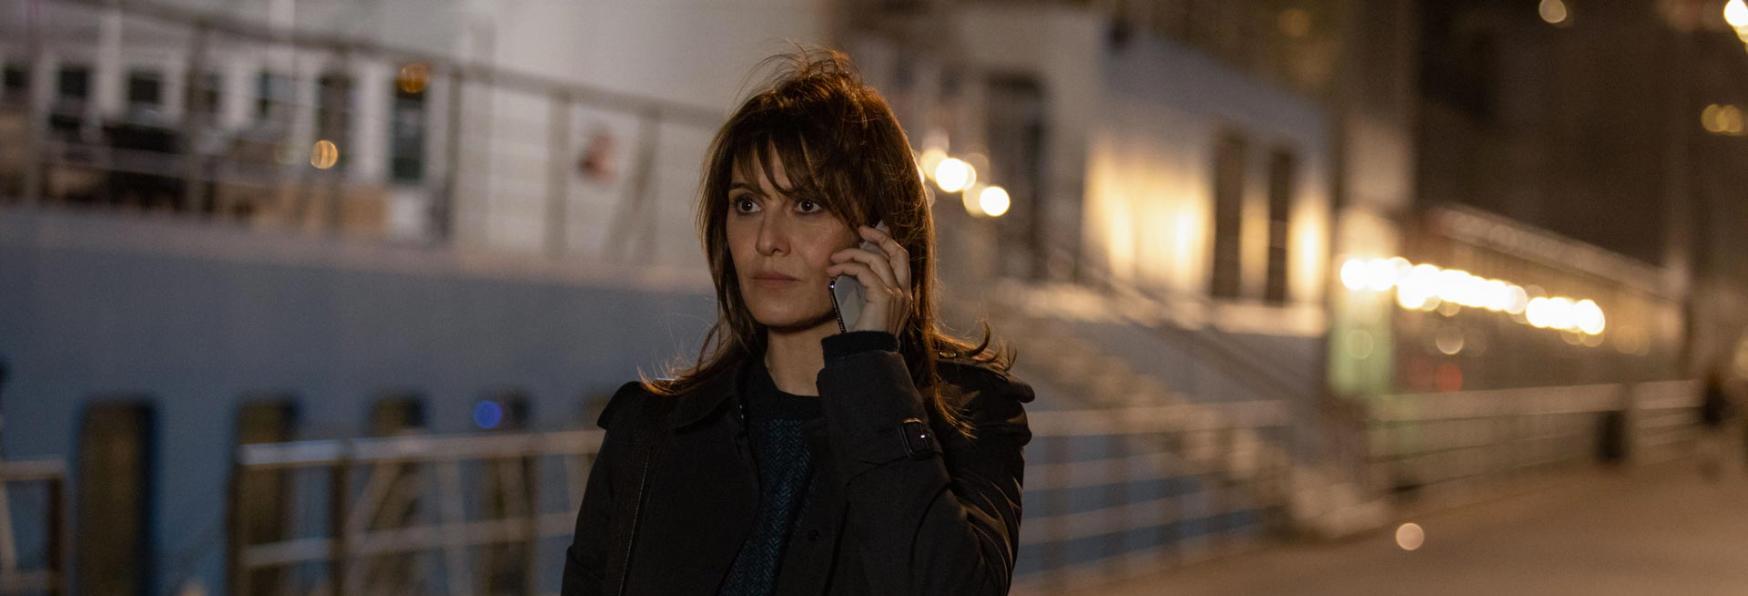 Petra: Trama, Cast, Data e Trailer della nuova Serie TV targata Sky